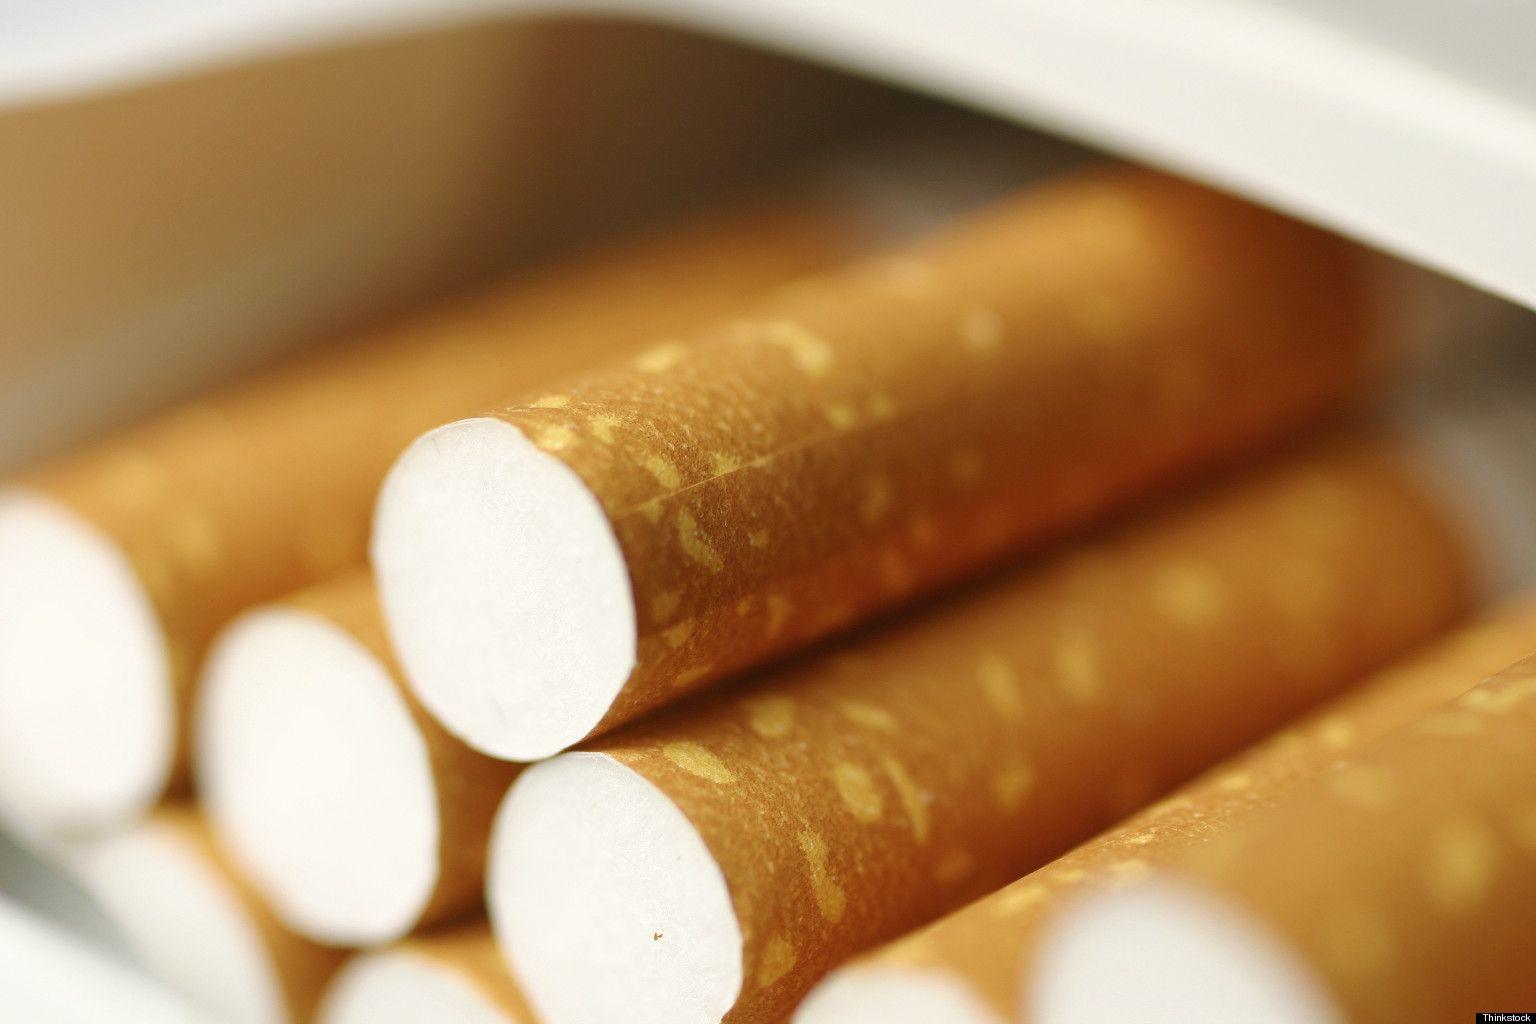 I danni della sigaretta riguardano anche la salute mentale